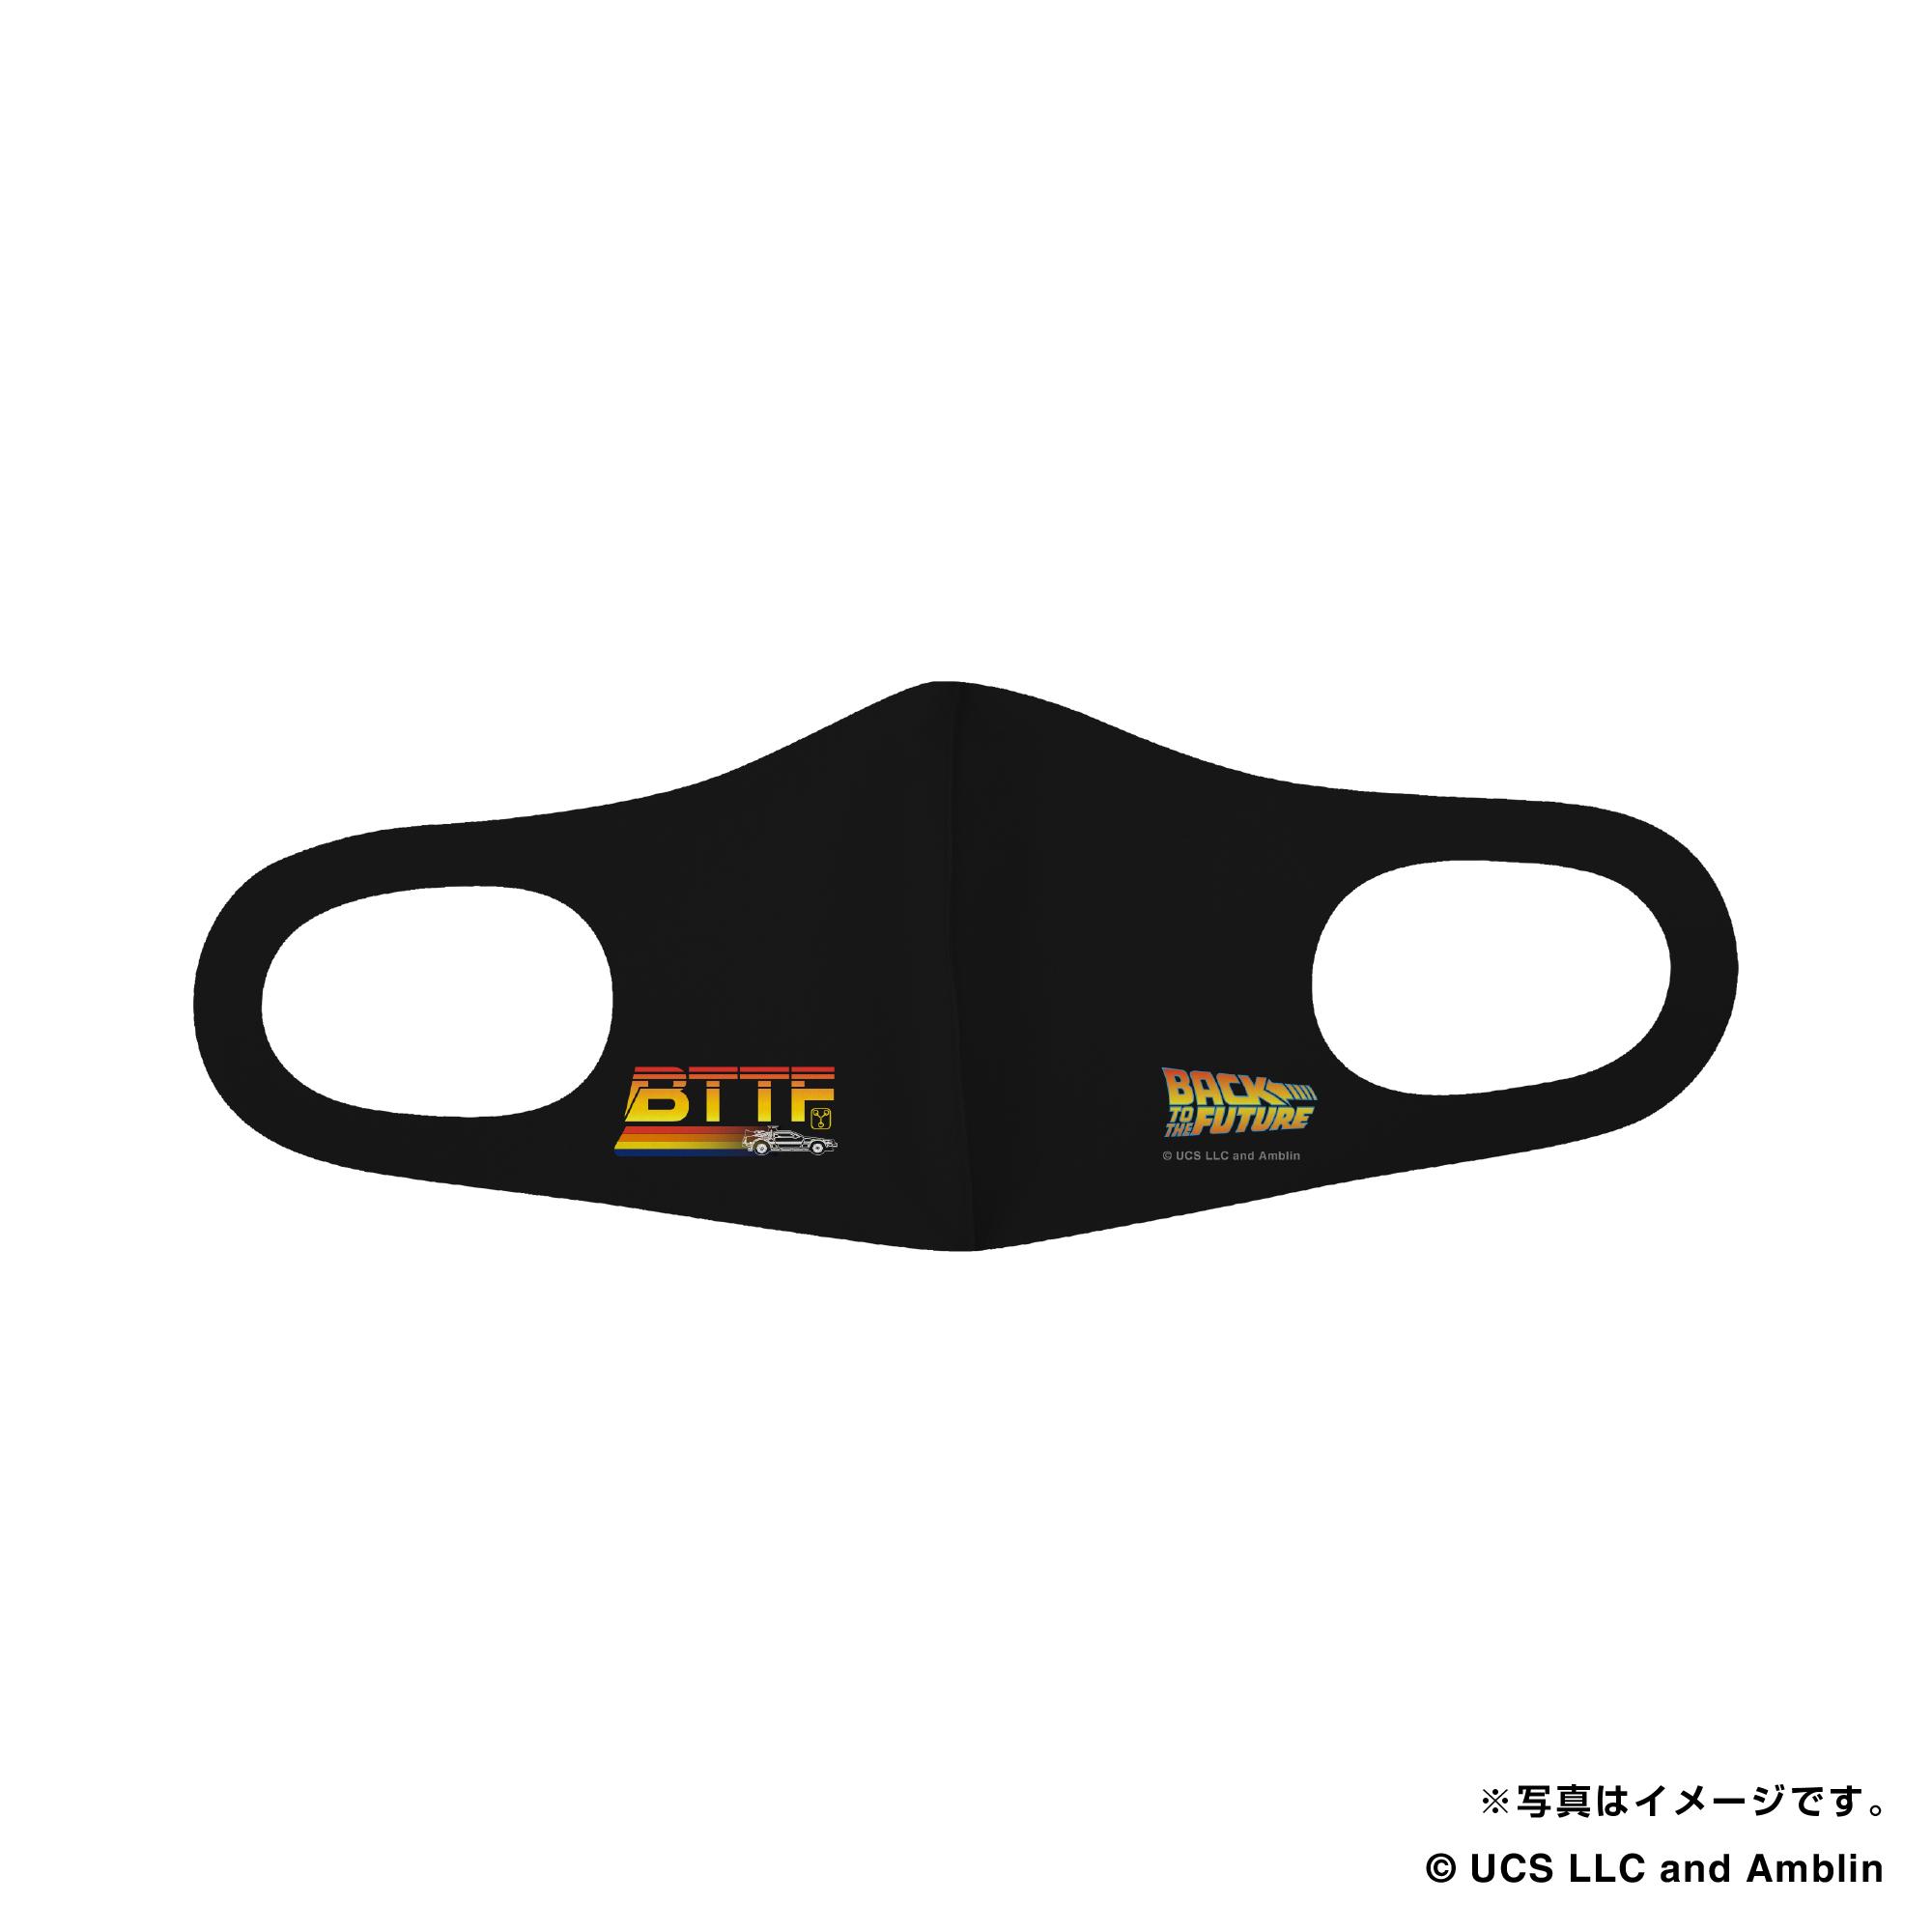 BACK TO THE FUTURE ぴったりマスク(デロリアン/BTTF) ※5/17(月)より順次発送※